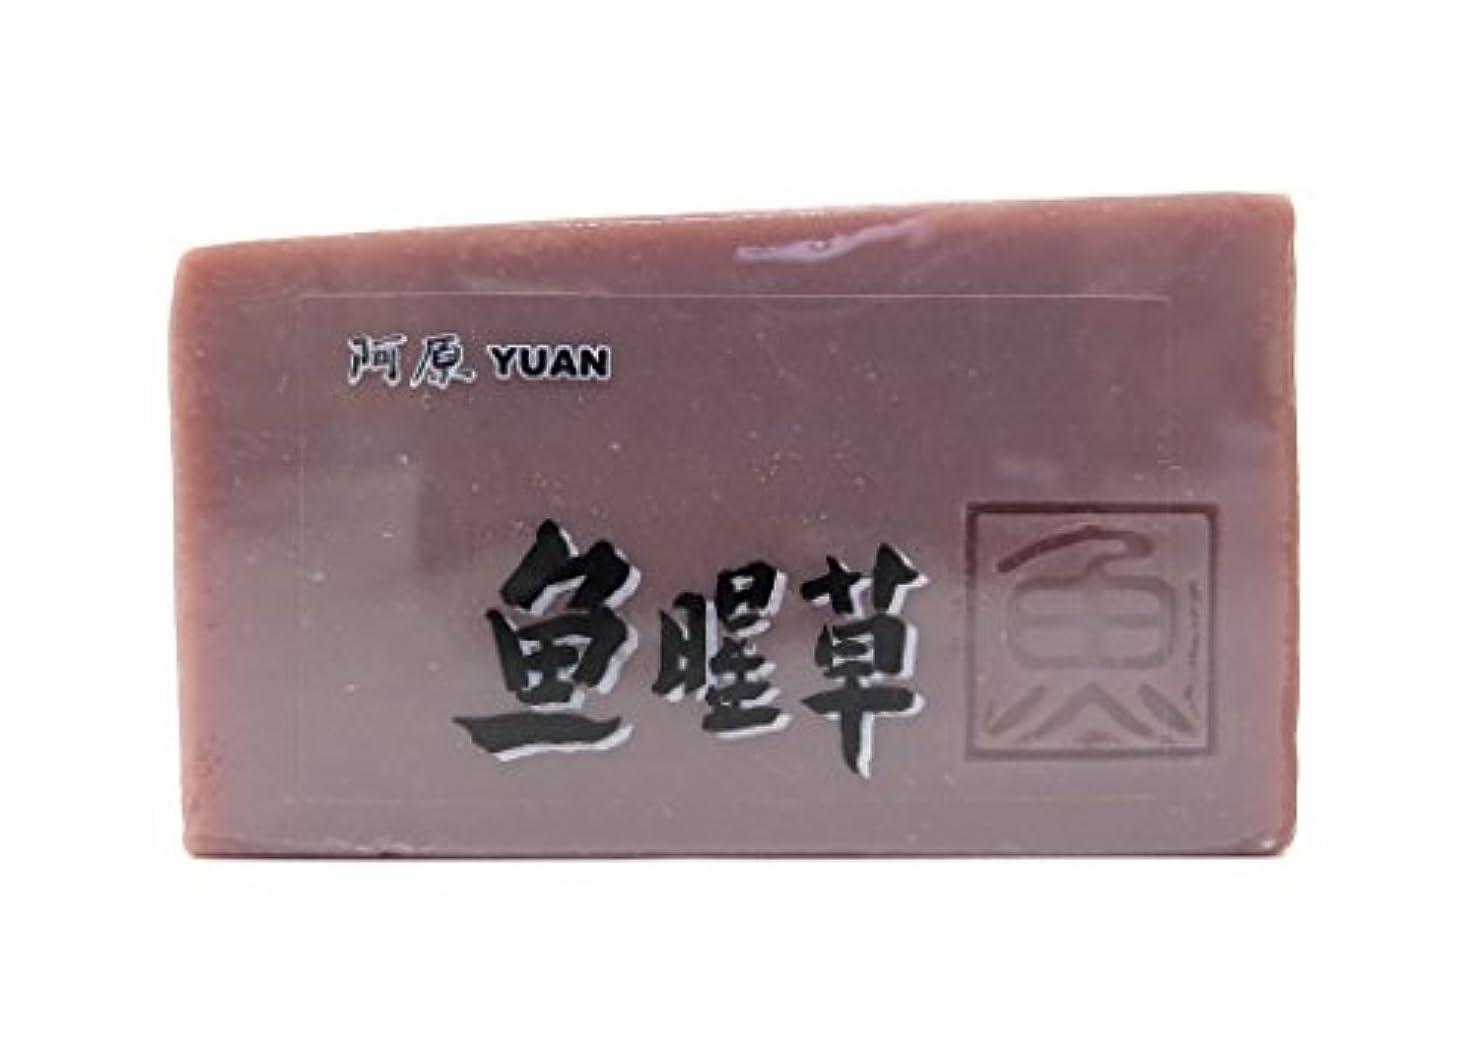 ストライクリンクフリンジユアン(YUAN) ドクダミソープ 固形 100g (阿原 ユアンソープ)